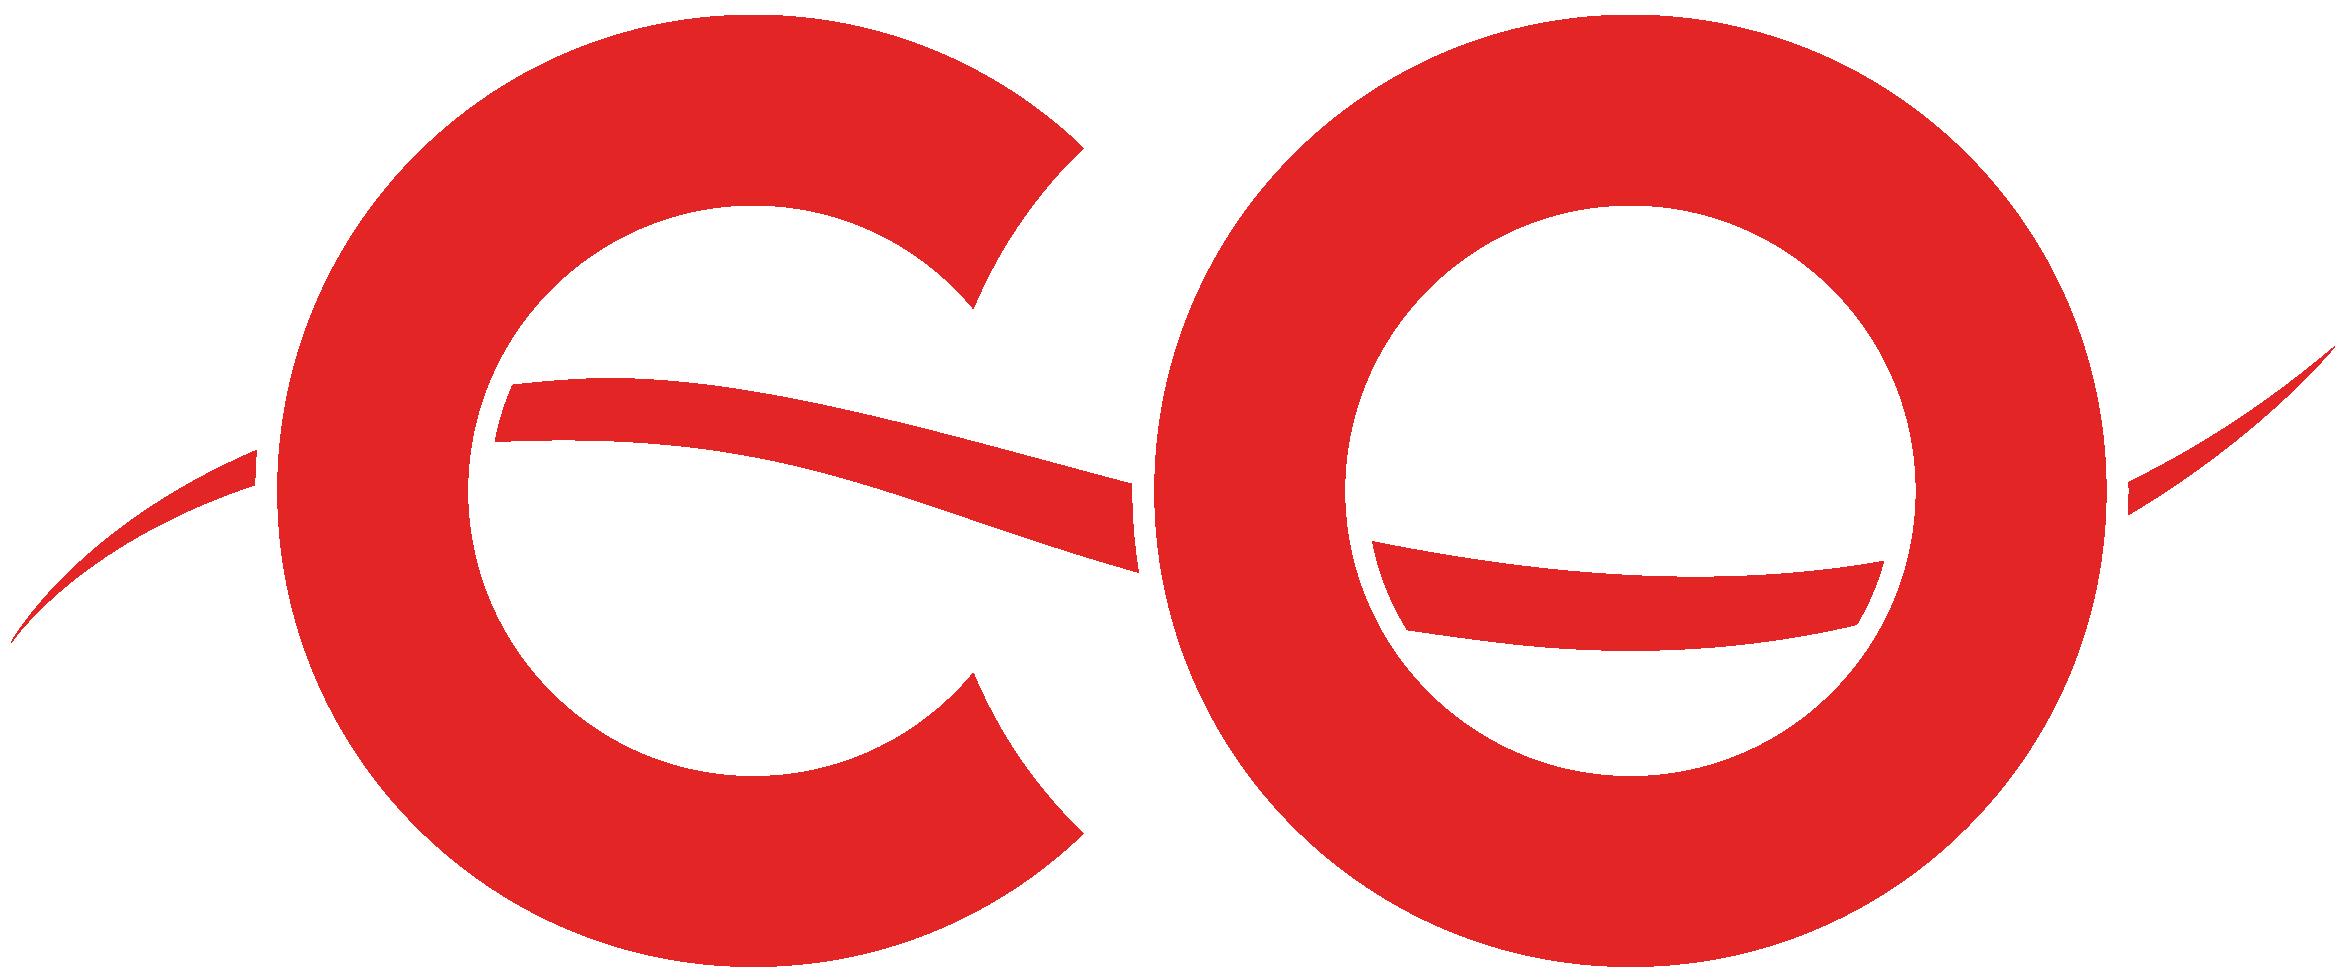 CO Restaurant